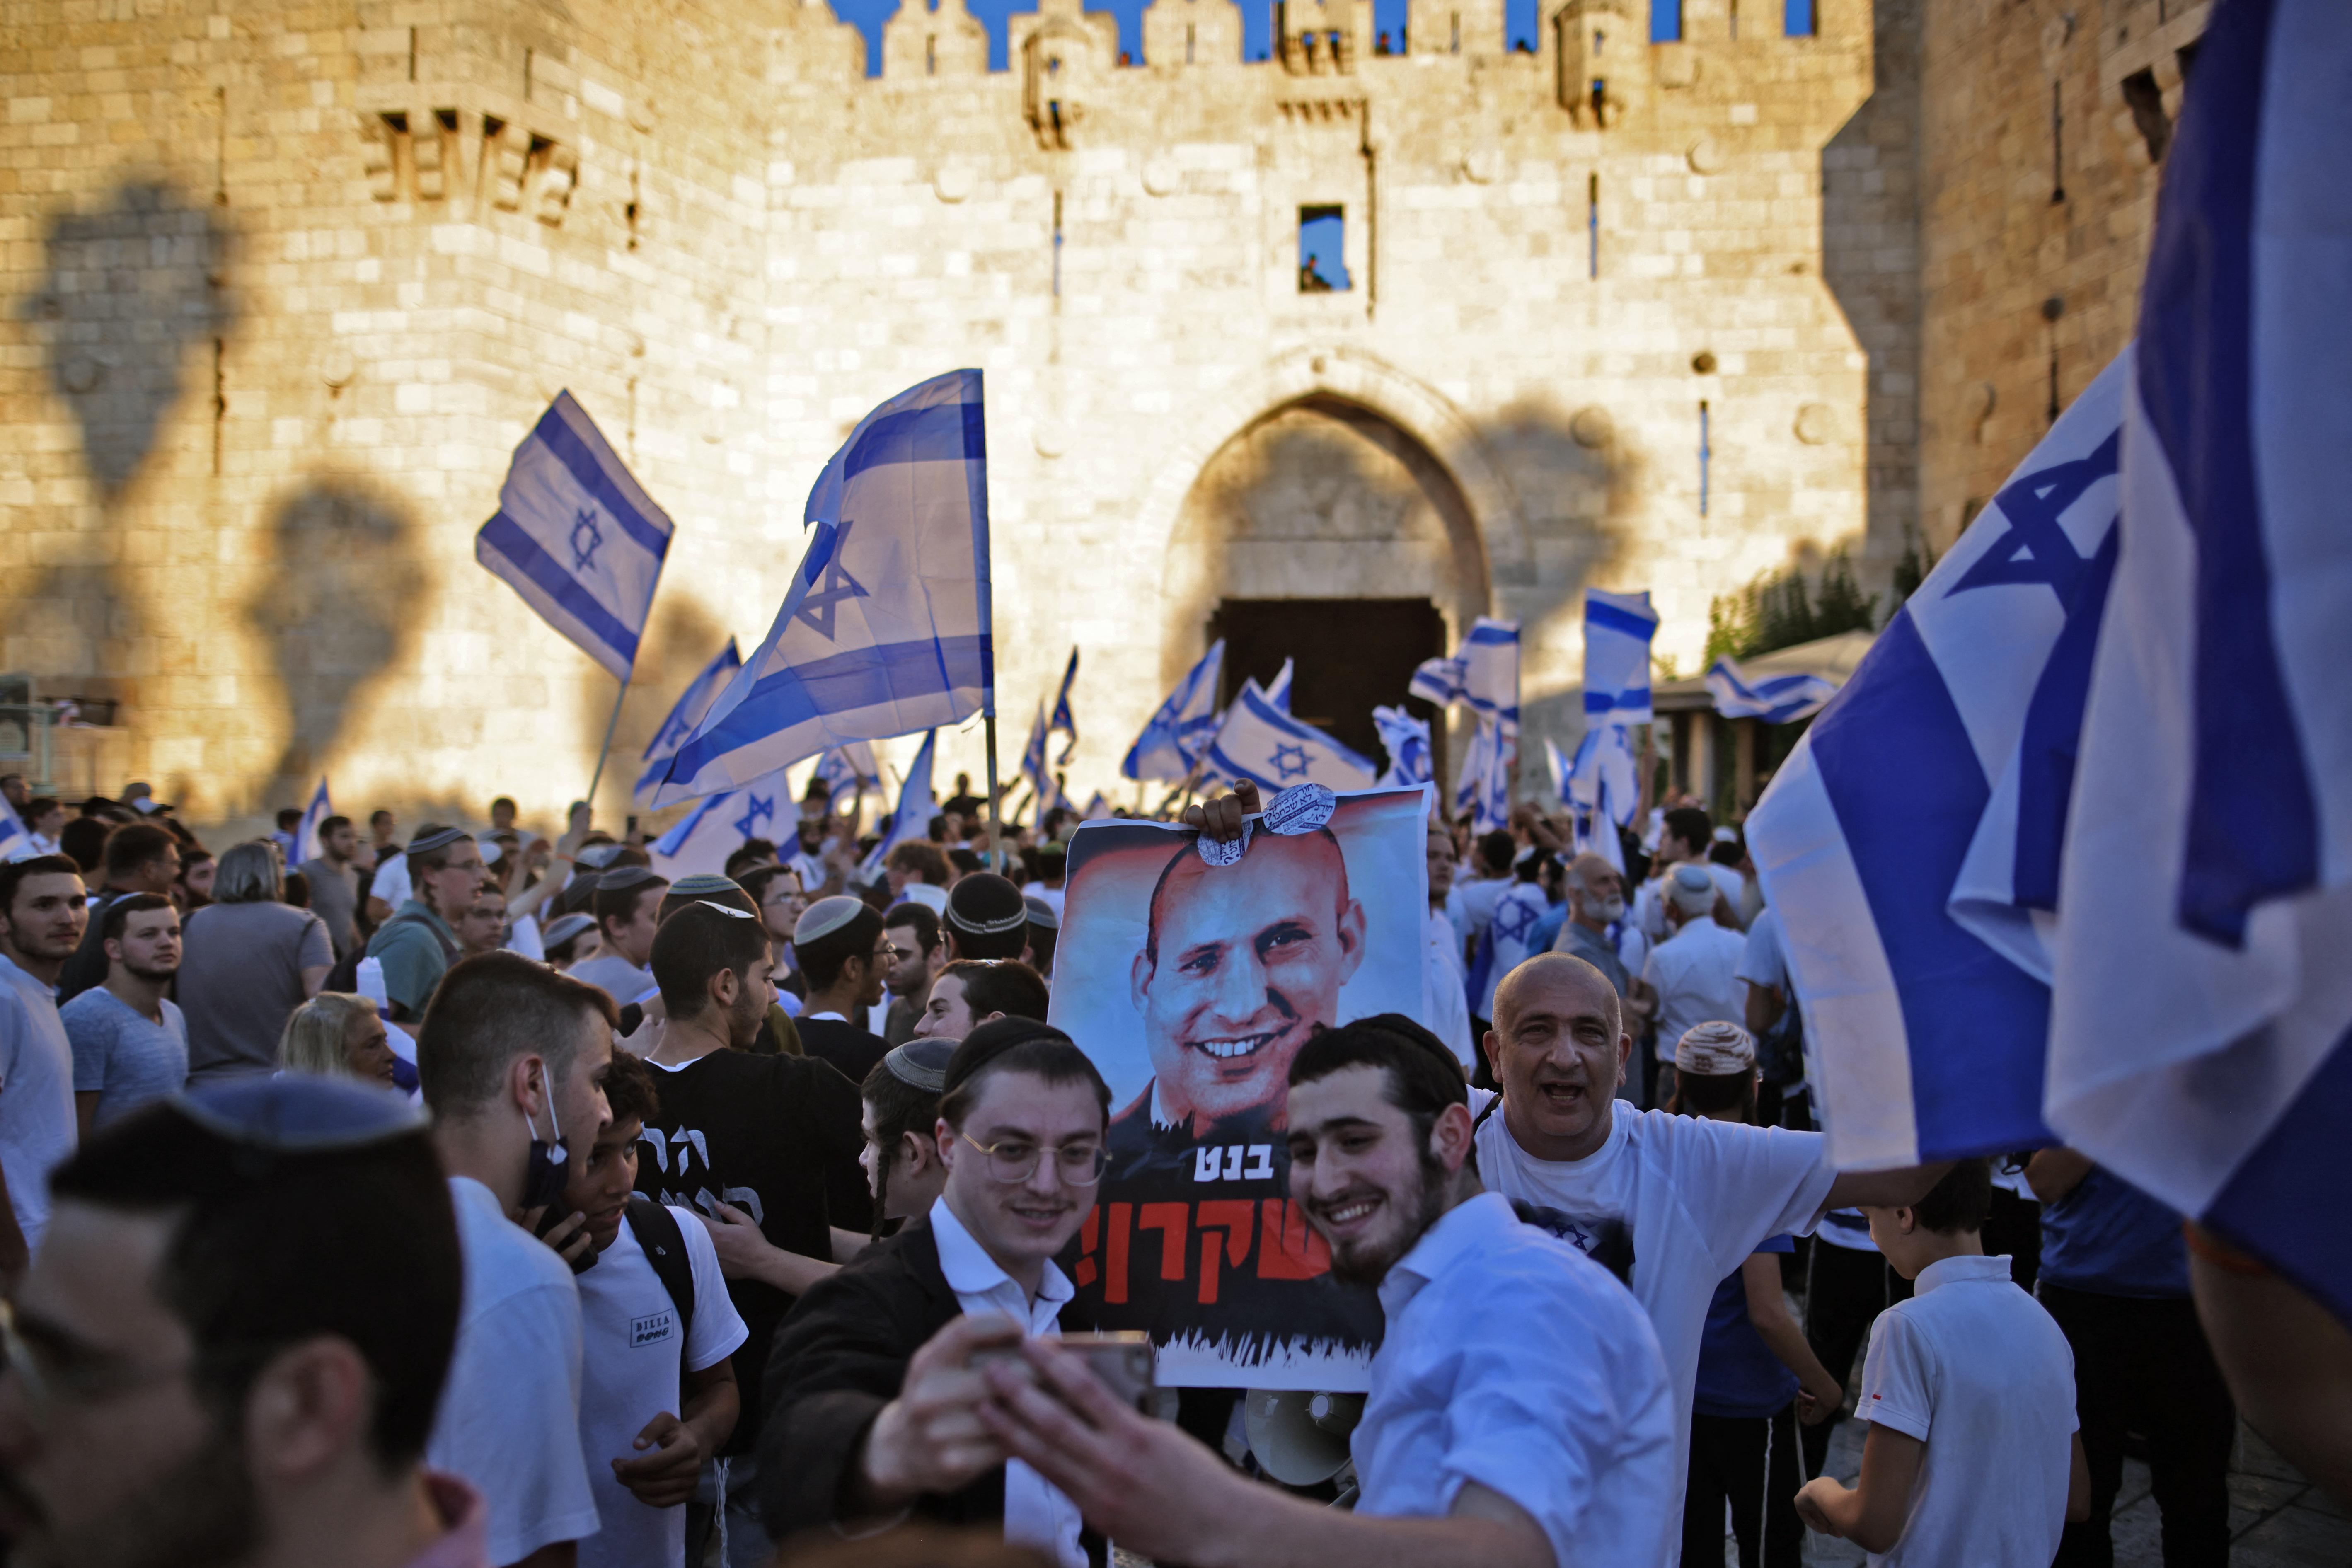 Legalább 17 palesztin megsérült az izraeli nacionalisták zászlós felvonulásán